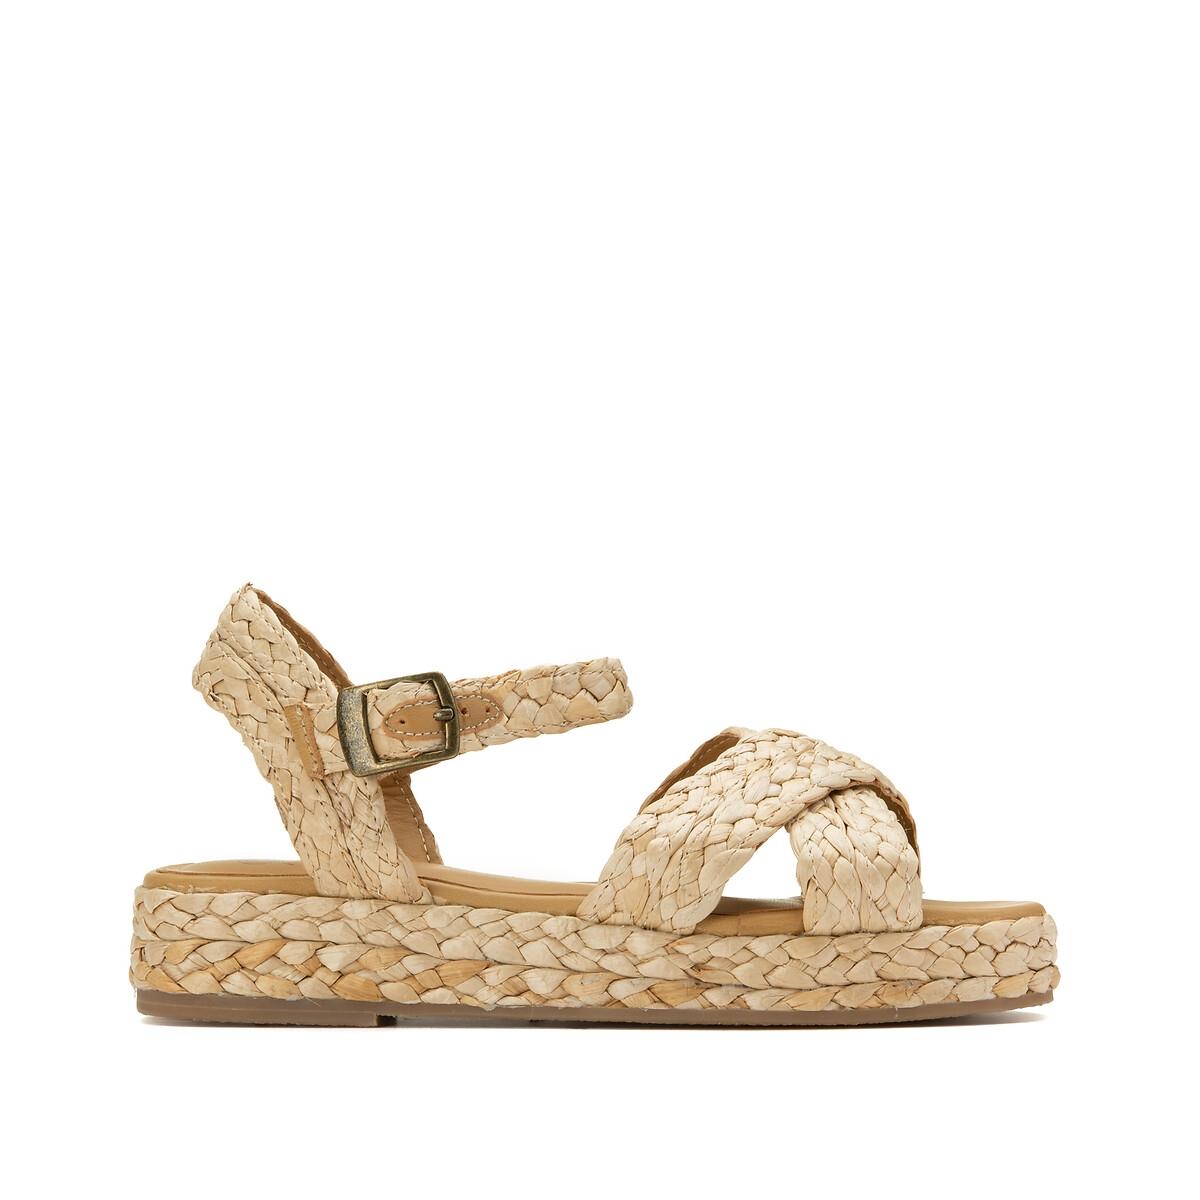 Sandalias de paja trenzada